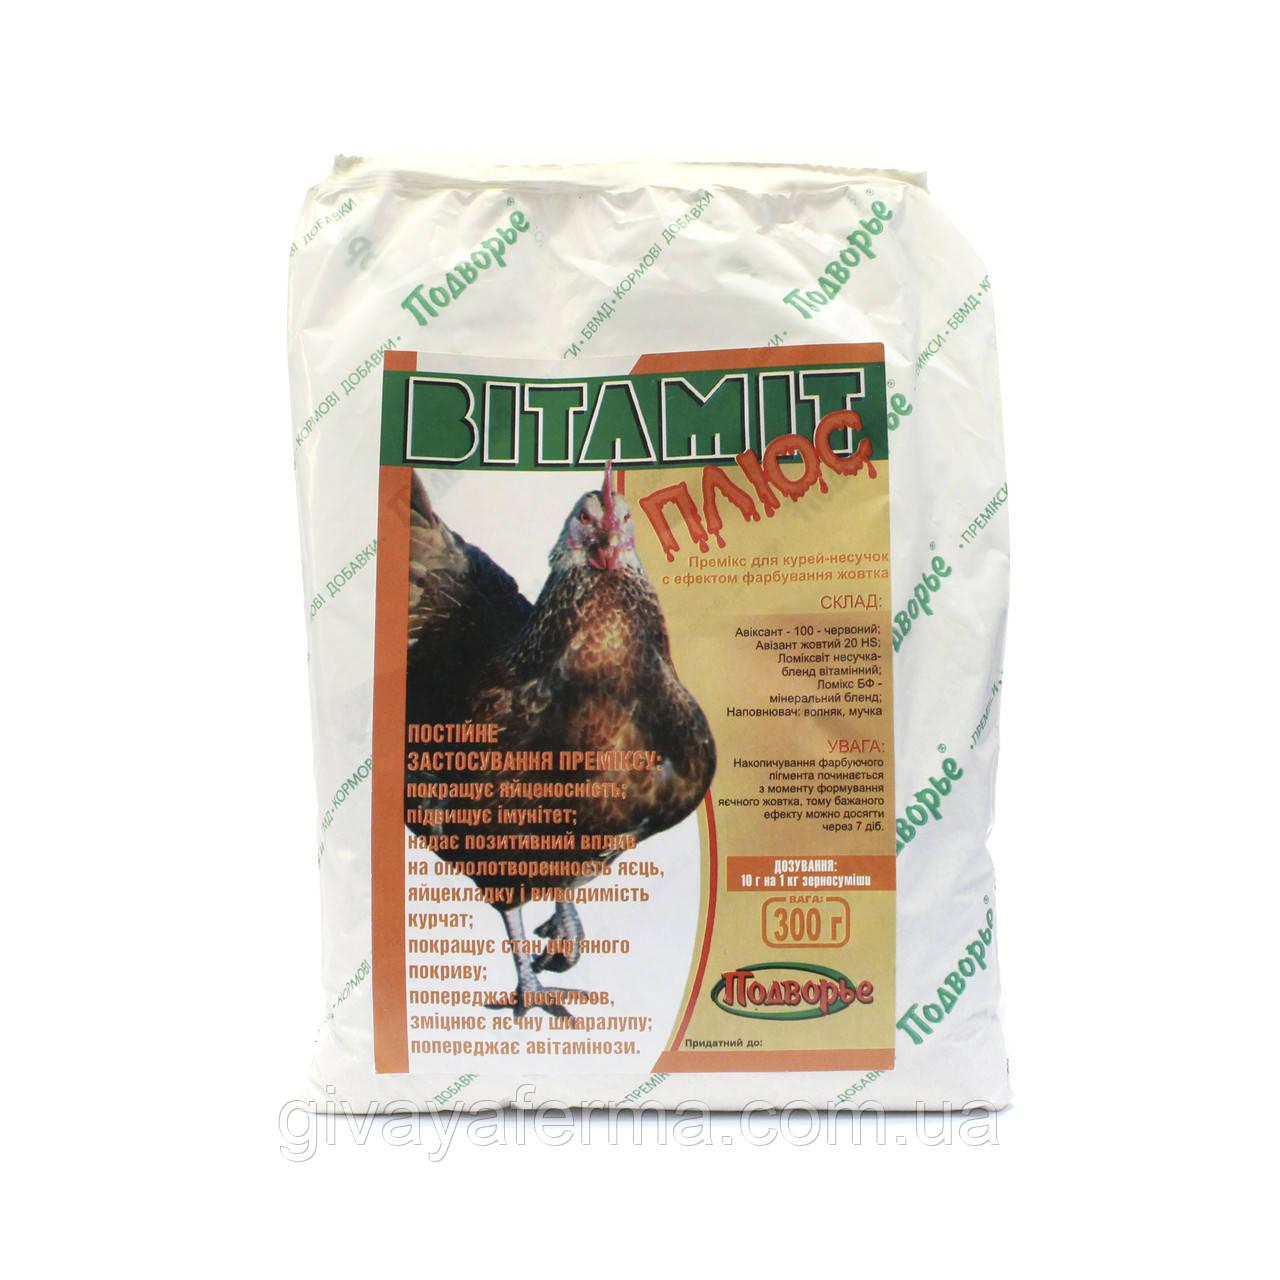 Витамит - несушка ПЛЮС (карофилы) 1%, 300 гр, ОКРАШИВАНИЕ ЖЕЛТКА, витаминный премикс